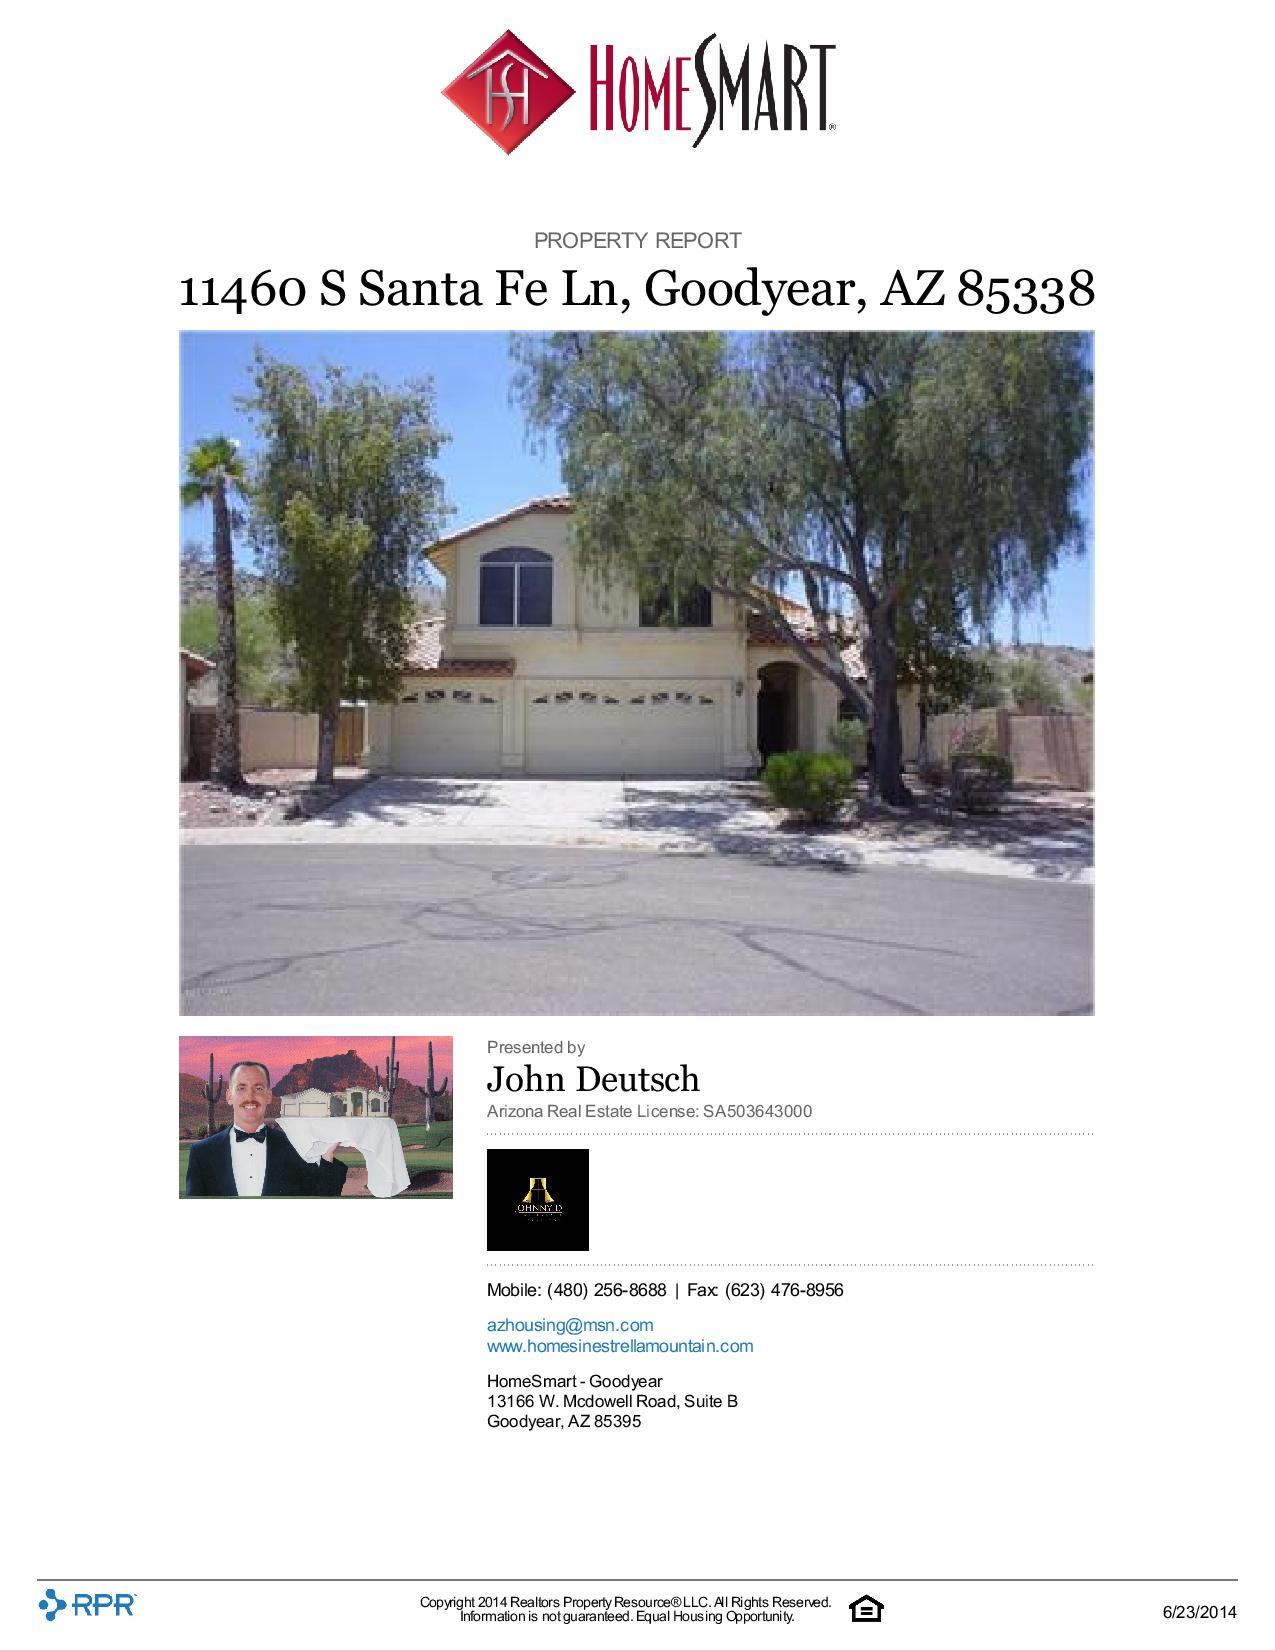 11460-S-Santa-Fe-Ln-Goodyear-AZ-85338-page-001